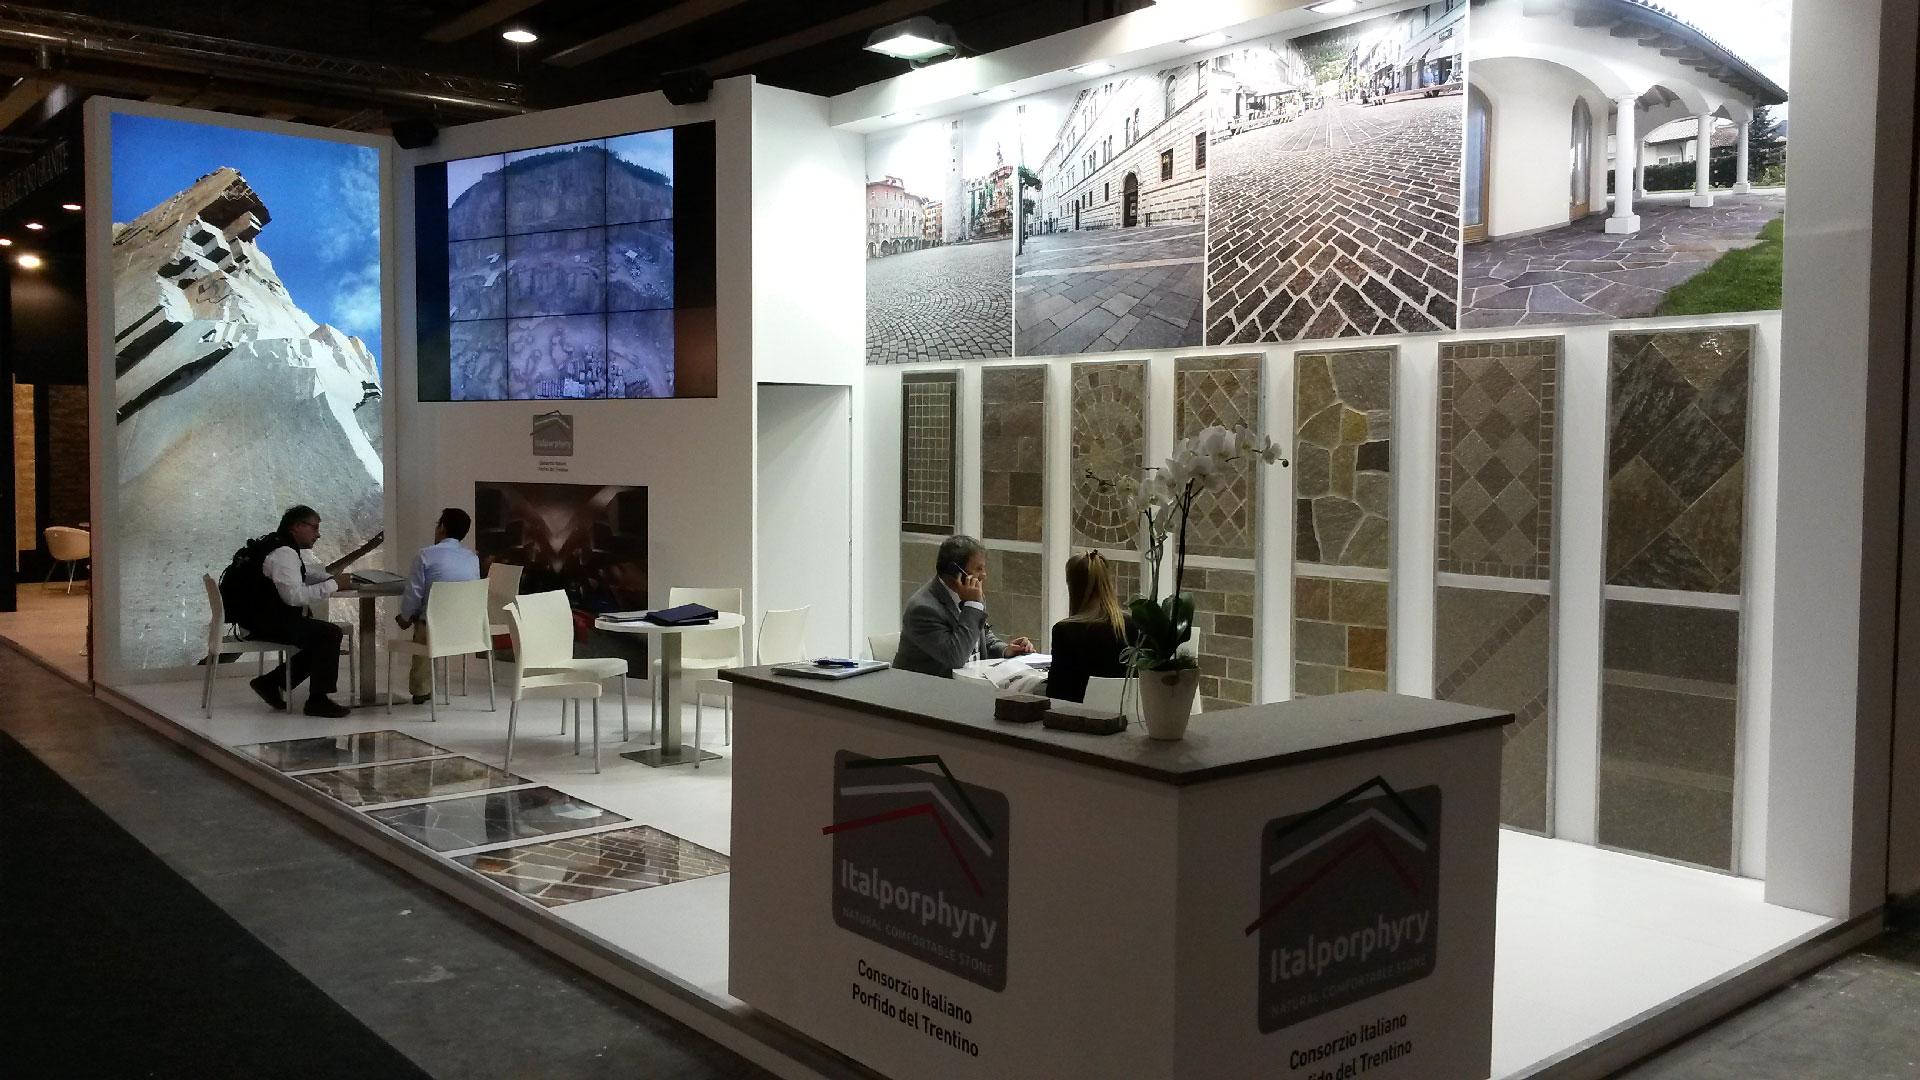 International Exhibition Stand Design : Marmomacc fair the international stone exhibition